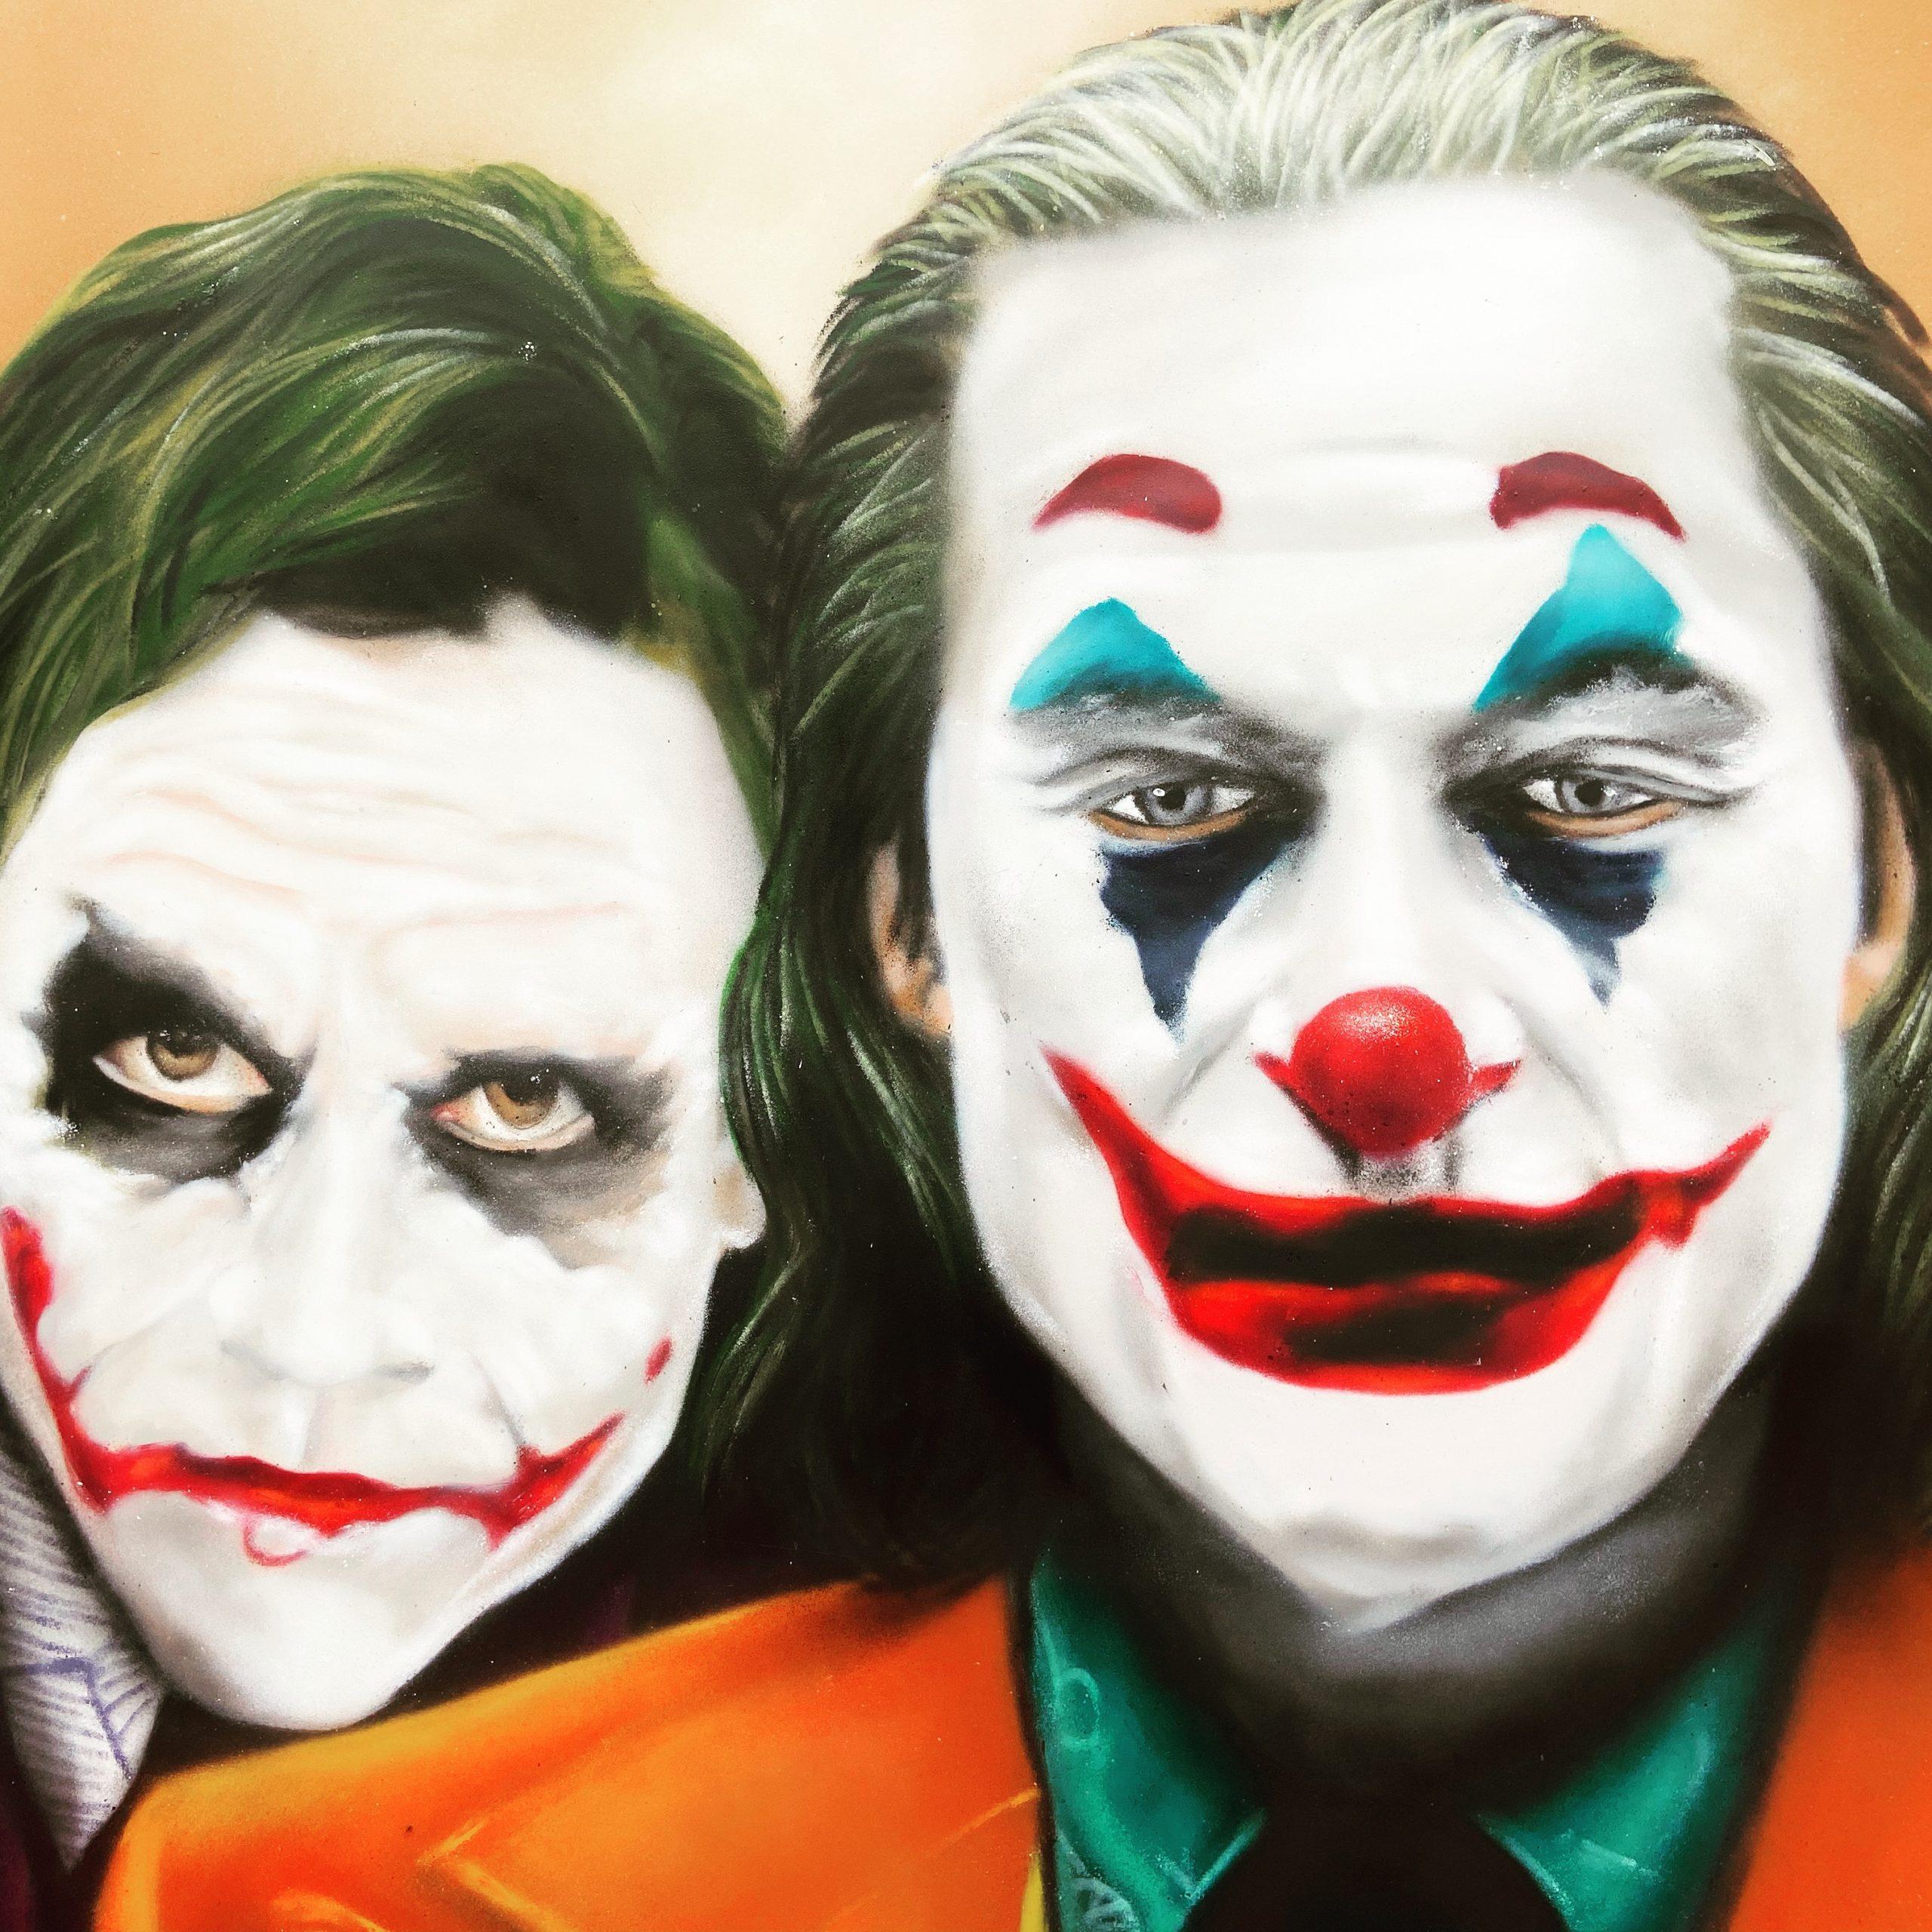 Joker Graffiti